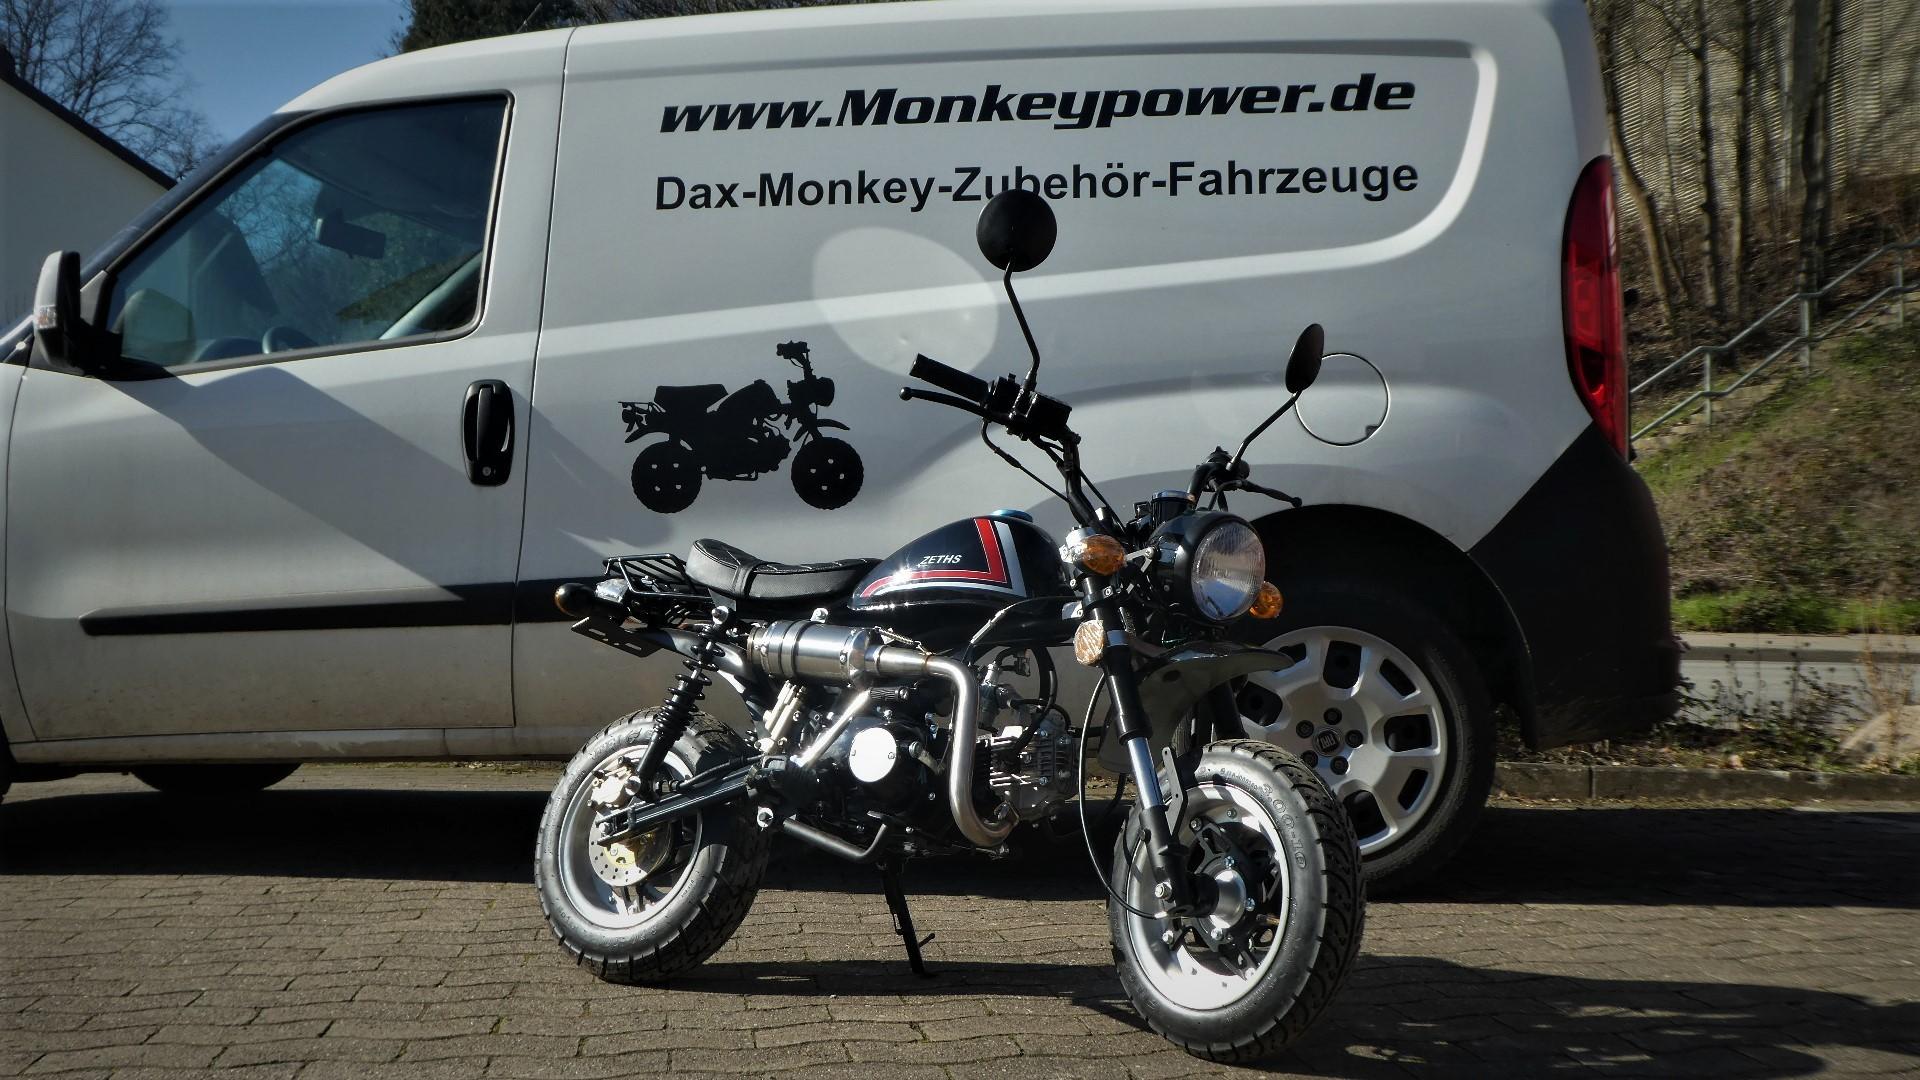 Monkey Dax Kepspeed Skyteam Fahrzeuge Teile und Zubehör